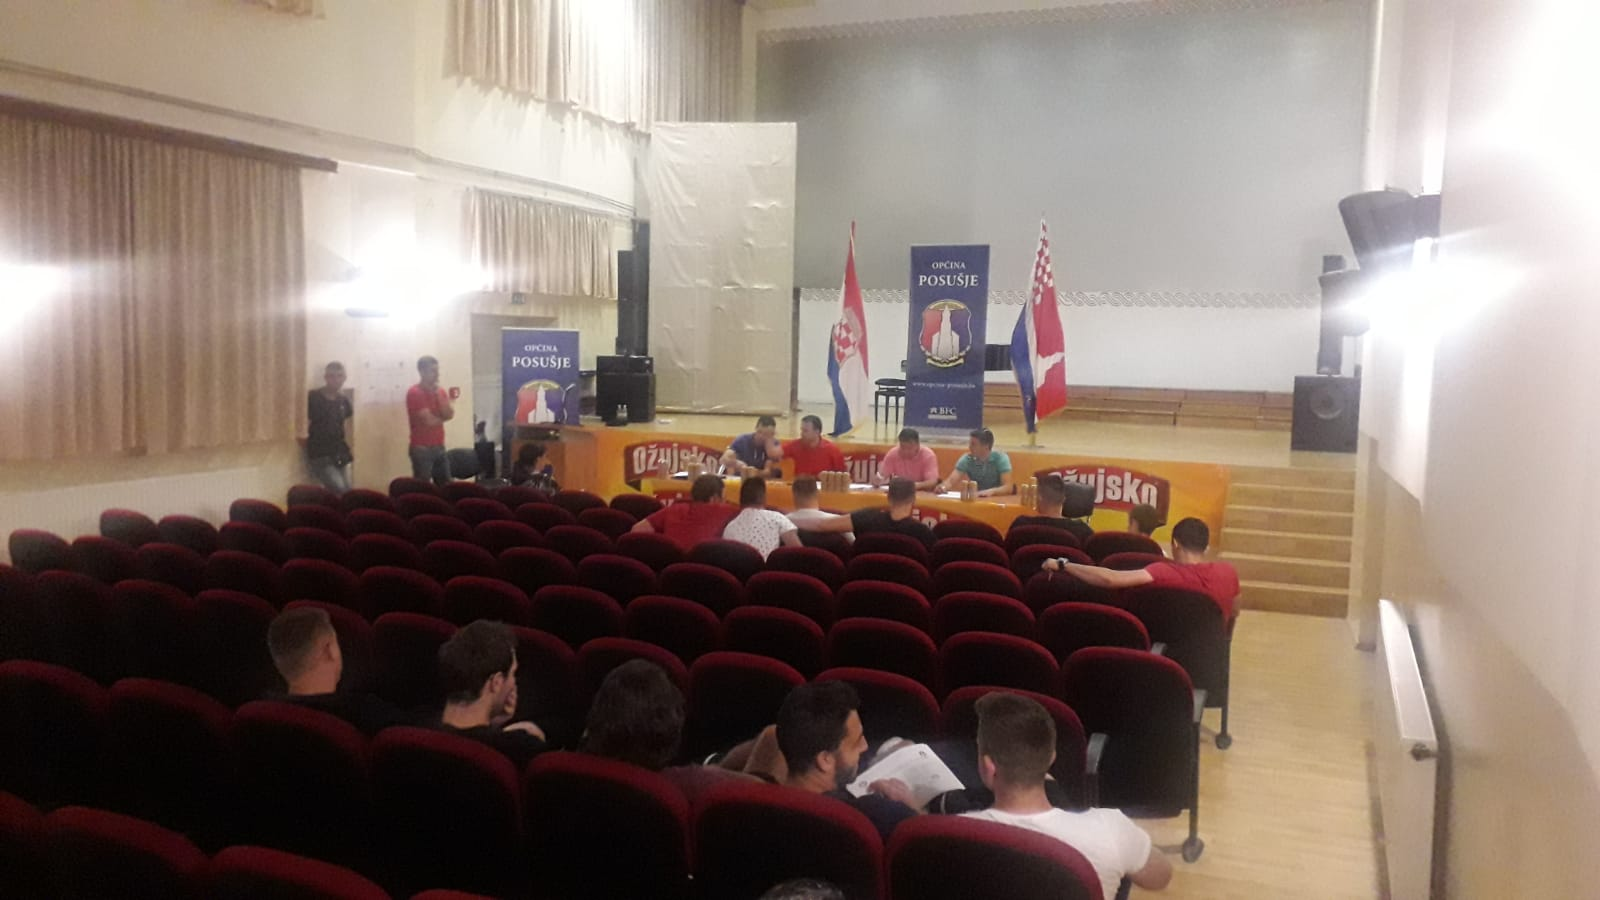 FOTO: Izvučene skupine turnira mjesnih zajednica općine Posušje